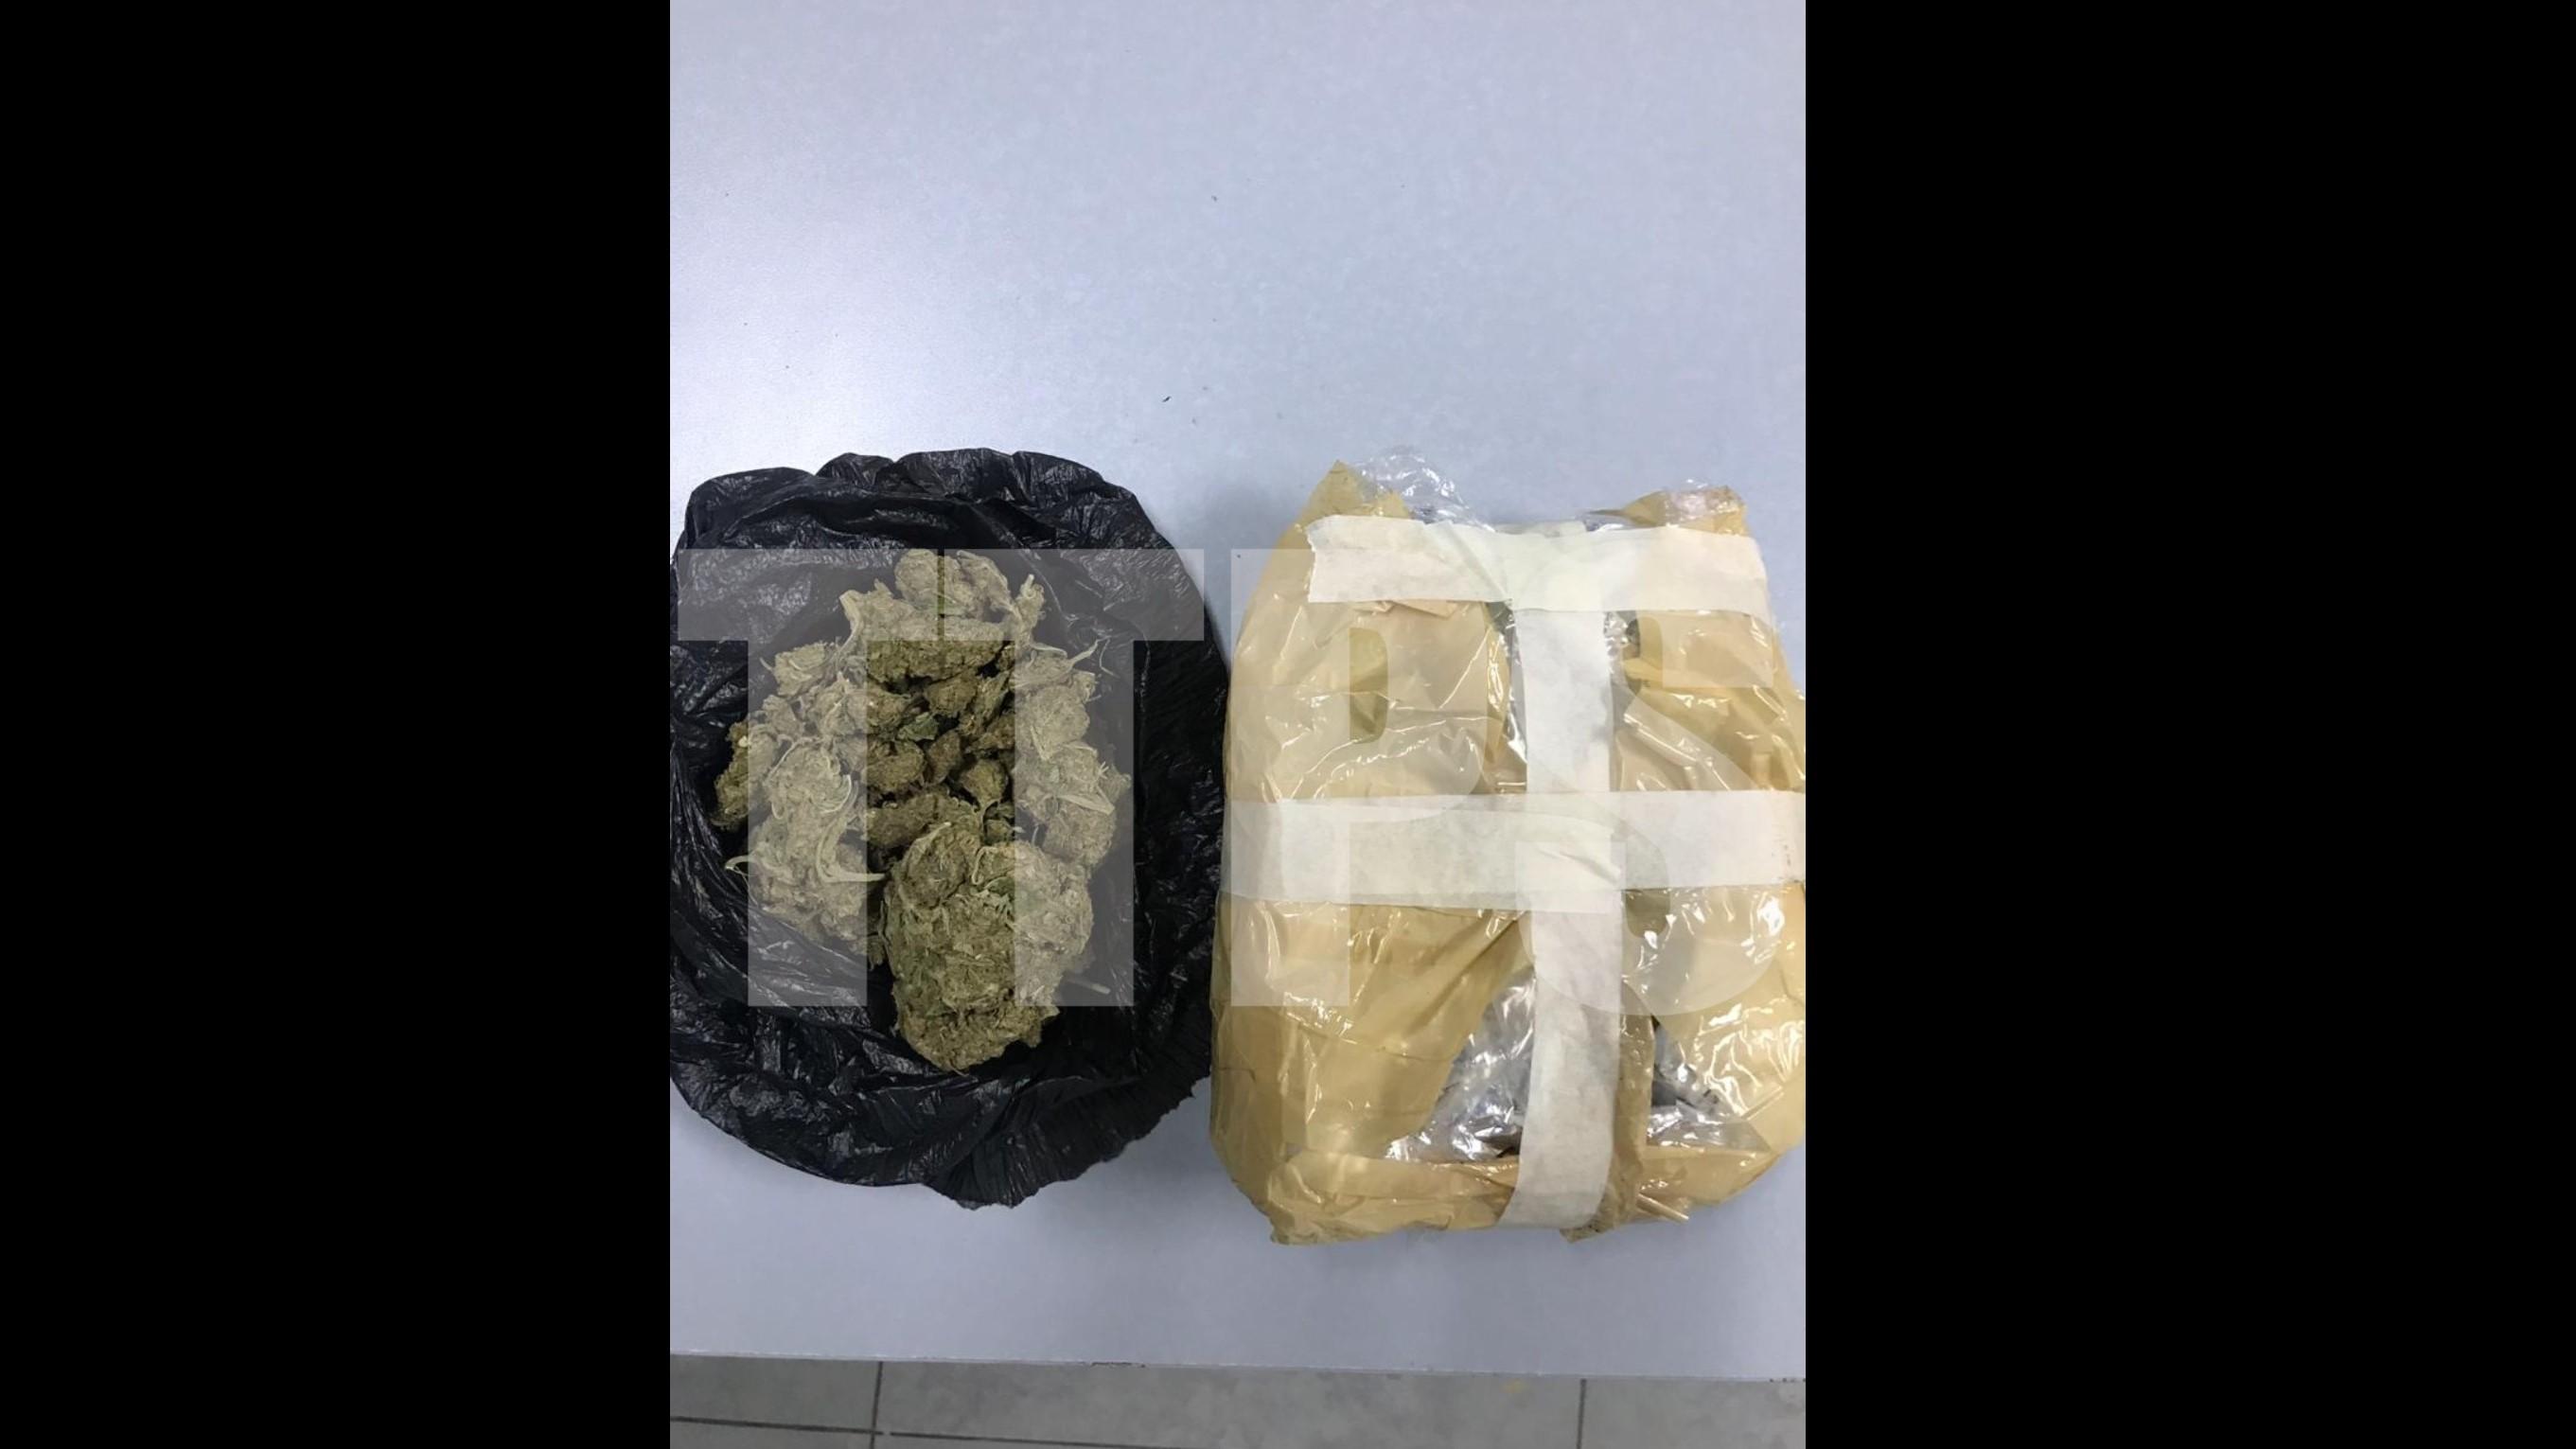 Image courtesy the Trinidad and Tobago Police Service